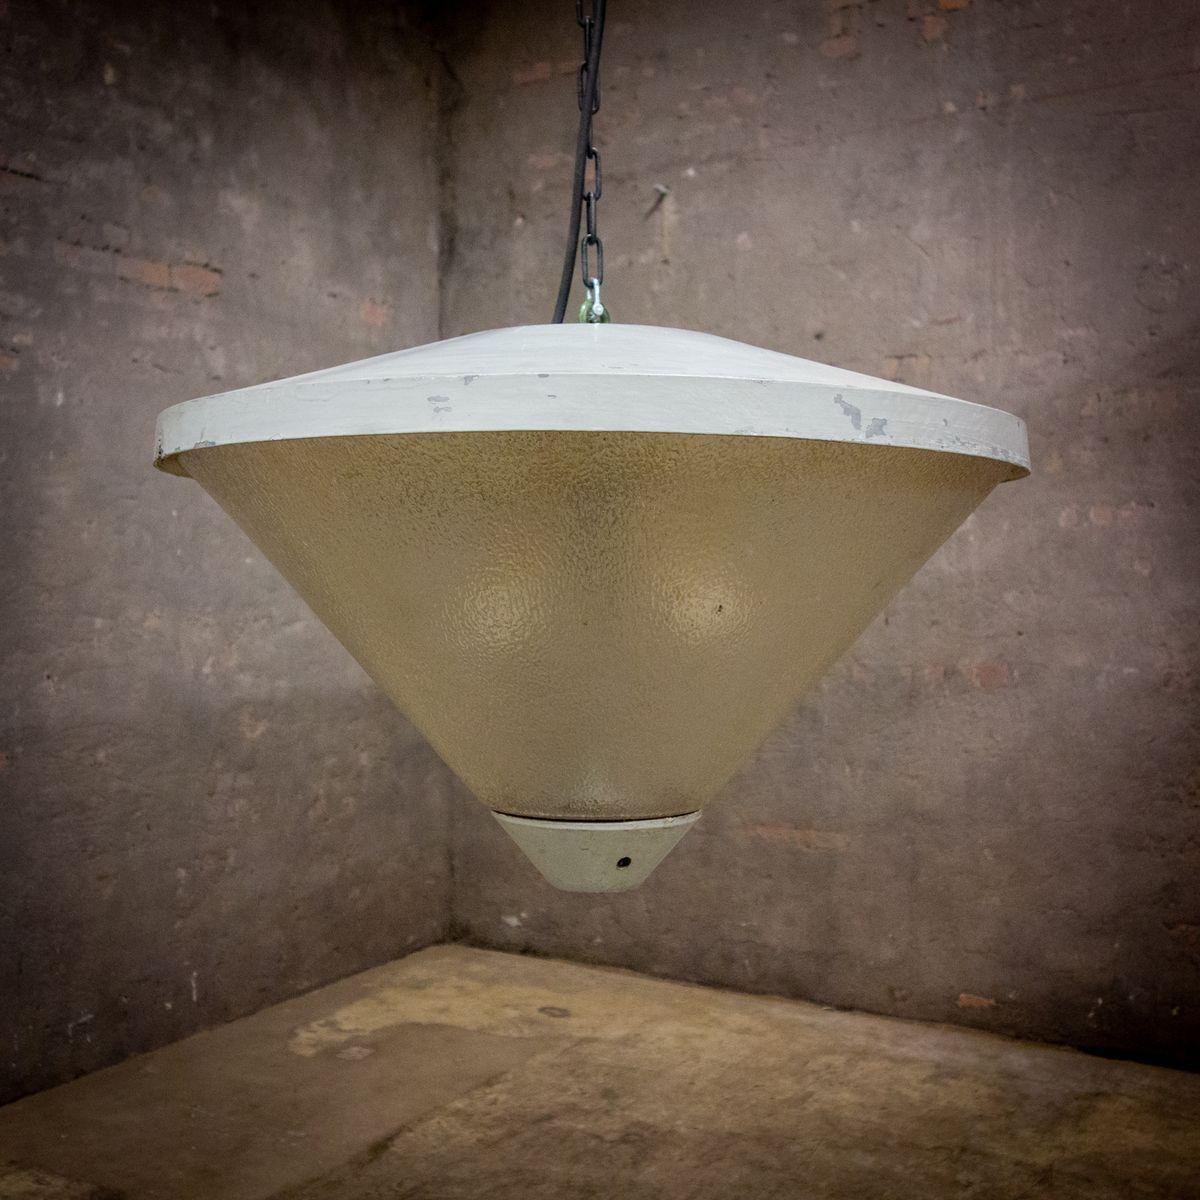 Full Size of Wohnzimmer Deckenleuchte Modern Deckenlampe Deckenlampen Led Dimmbar Deckenleuchten Mit Fernbedienung Kristall Lampen Fabrikverkauf Selber Hängeleuchte Wohnzimmer Wohnzimmer Deckenlampe